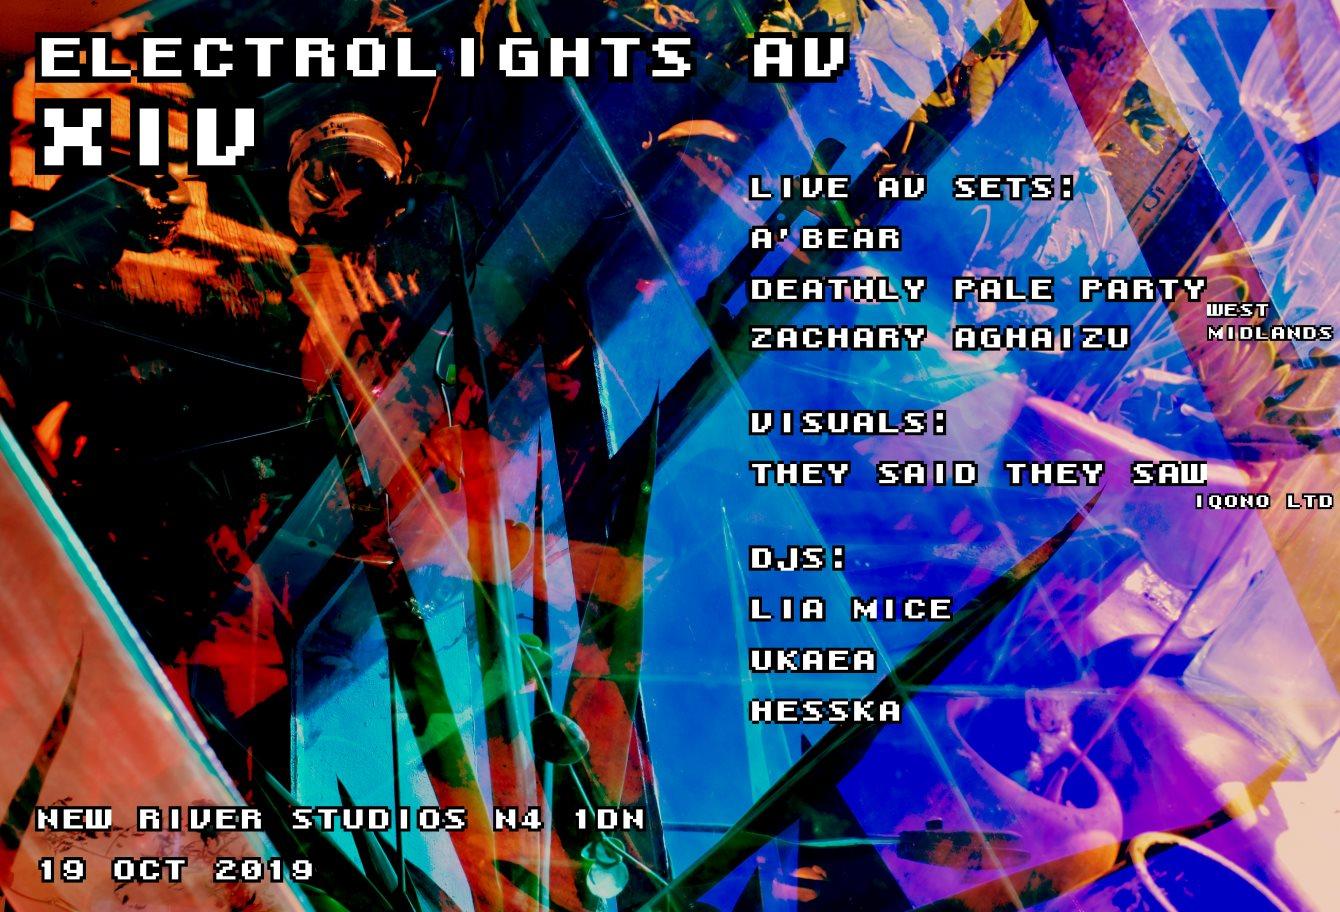 ELECTROLIGHTS AV XIV - Flyer front